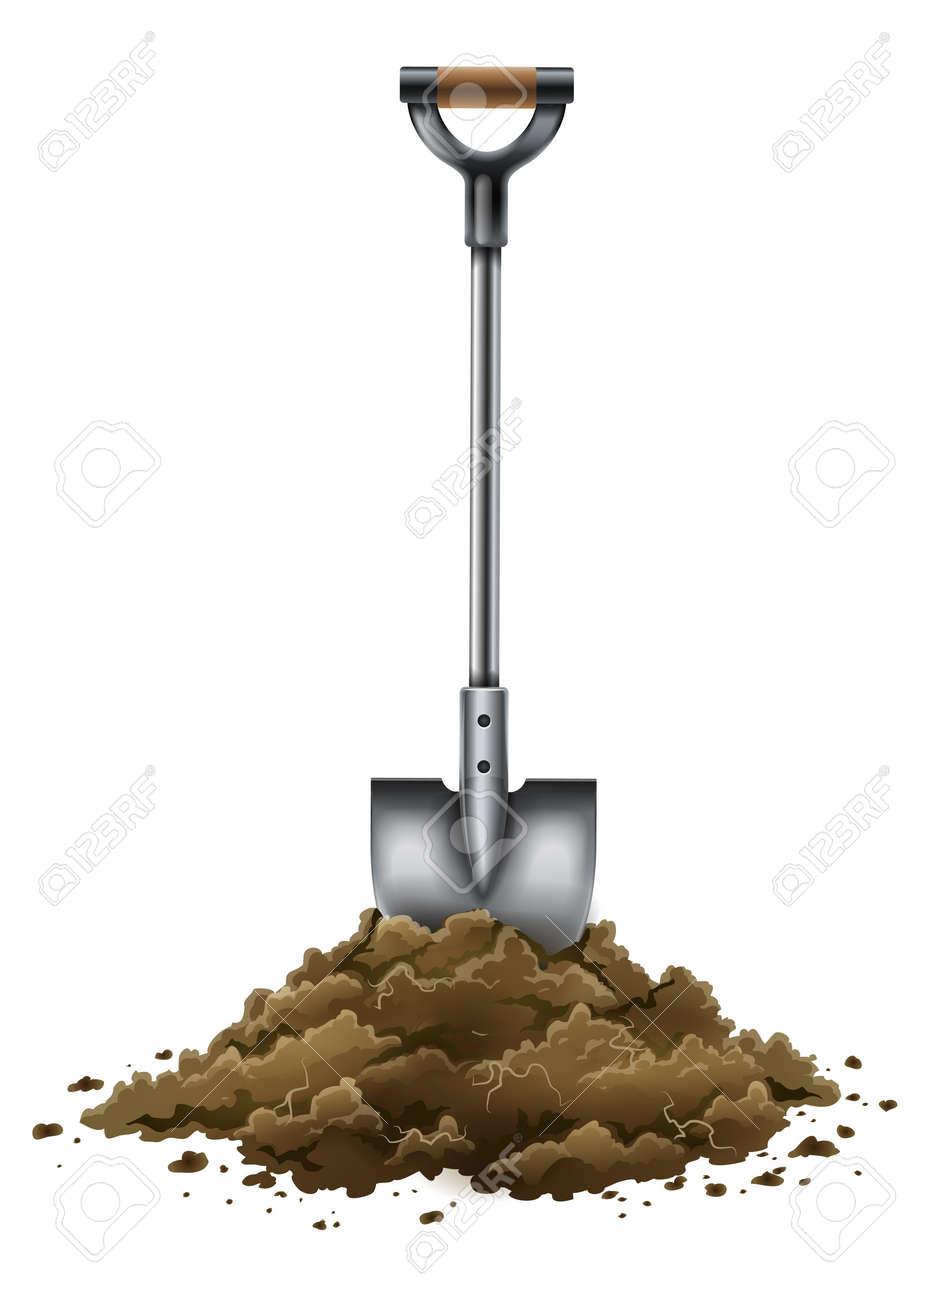 shovel tool for gardening work in ground isolated on white background - EPS10 vector illustration Stock Vector - 19324663